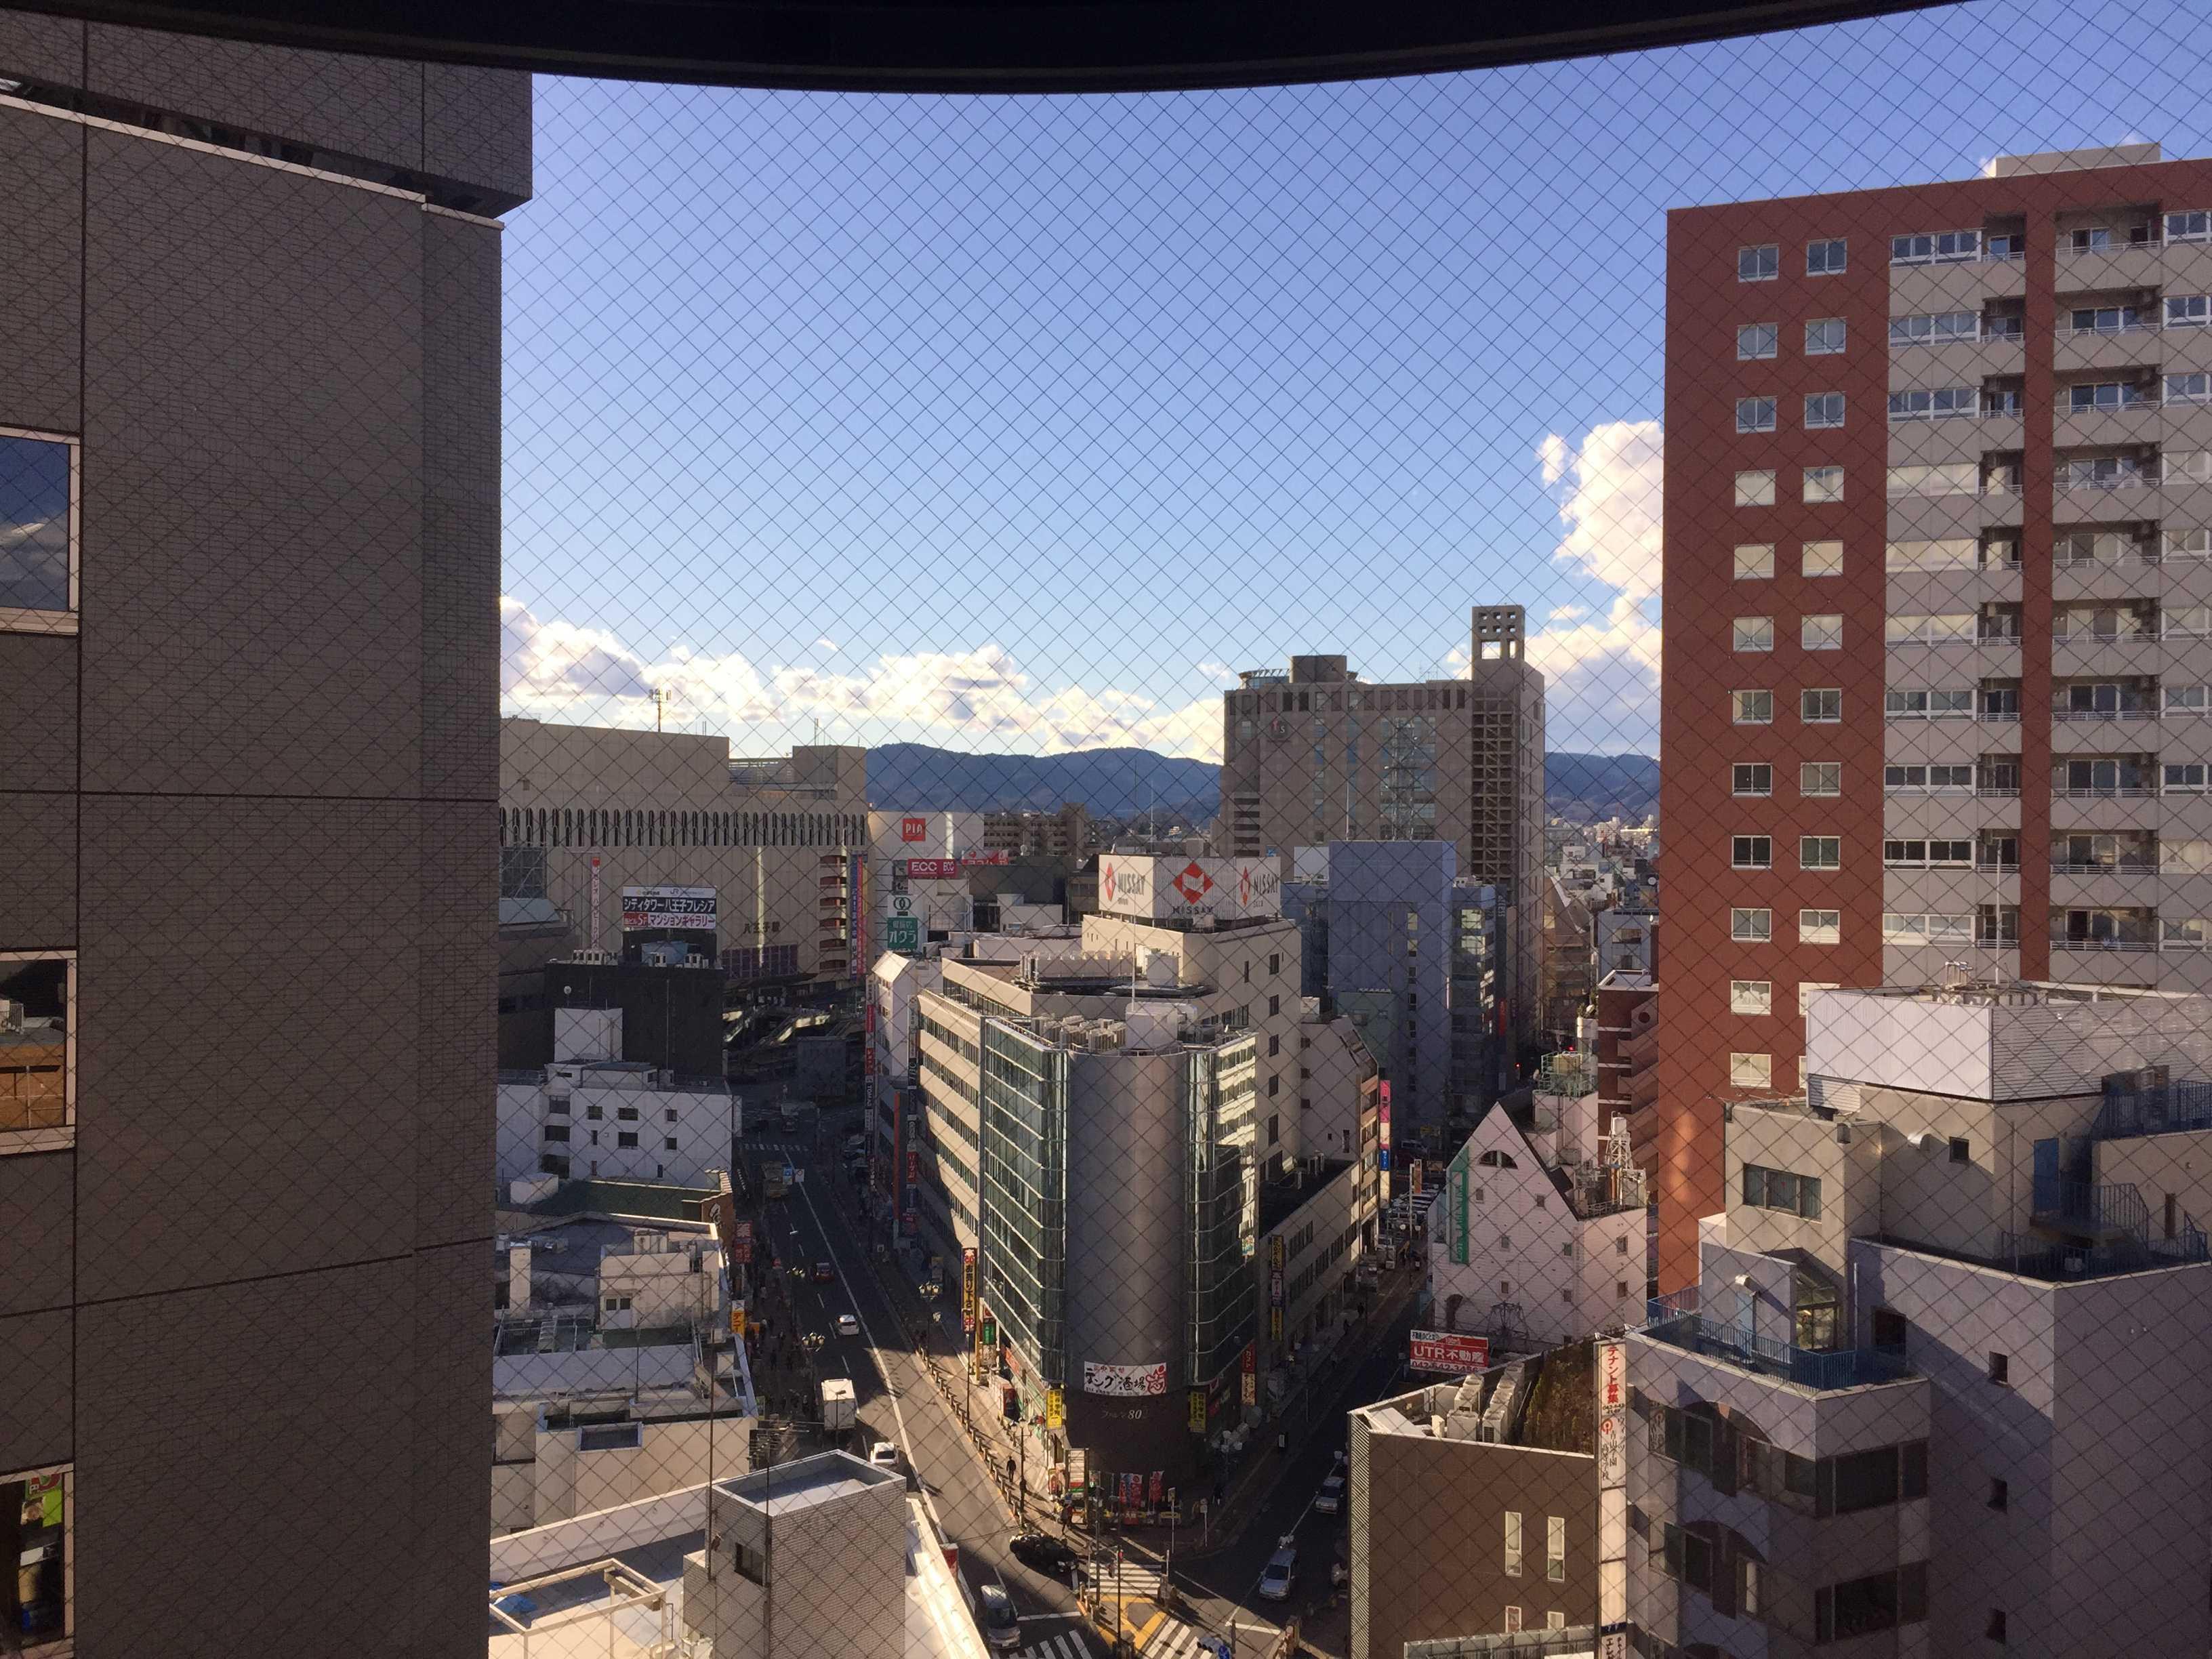 京八の駅ビルから見えた12月23日の八王子の町並みと山並み